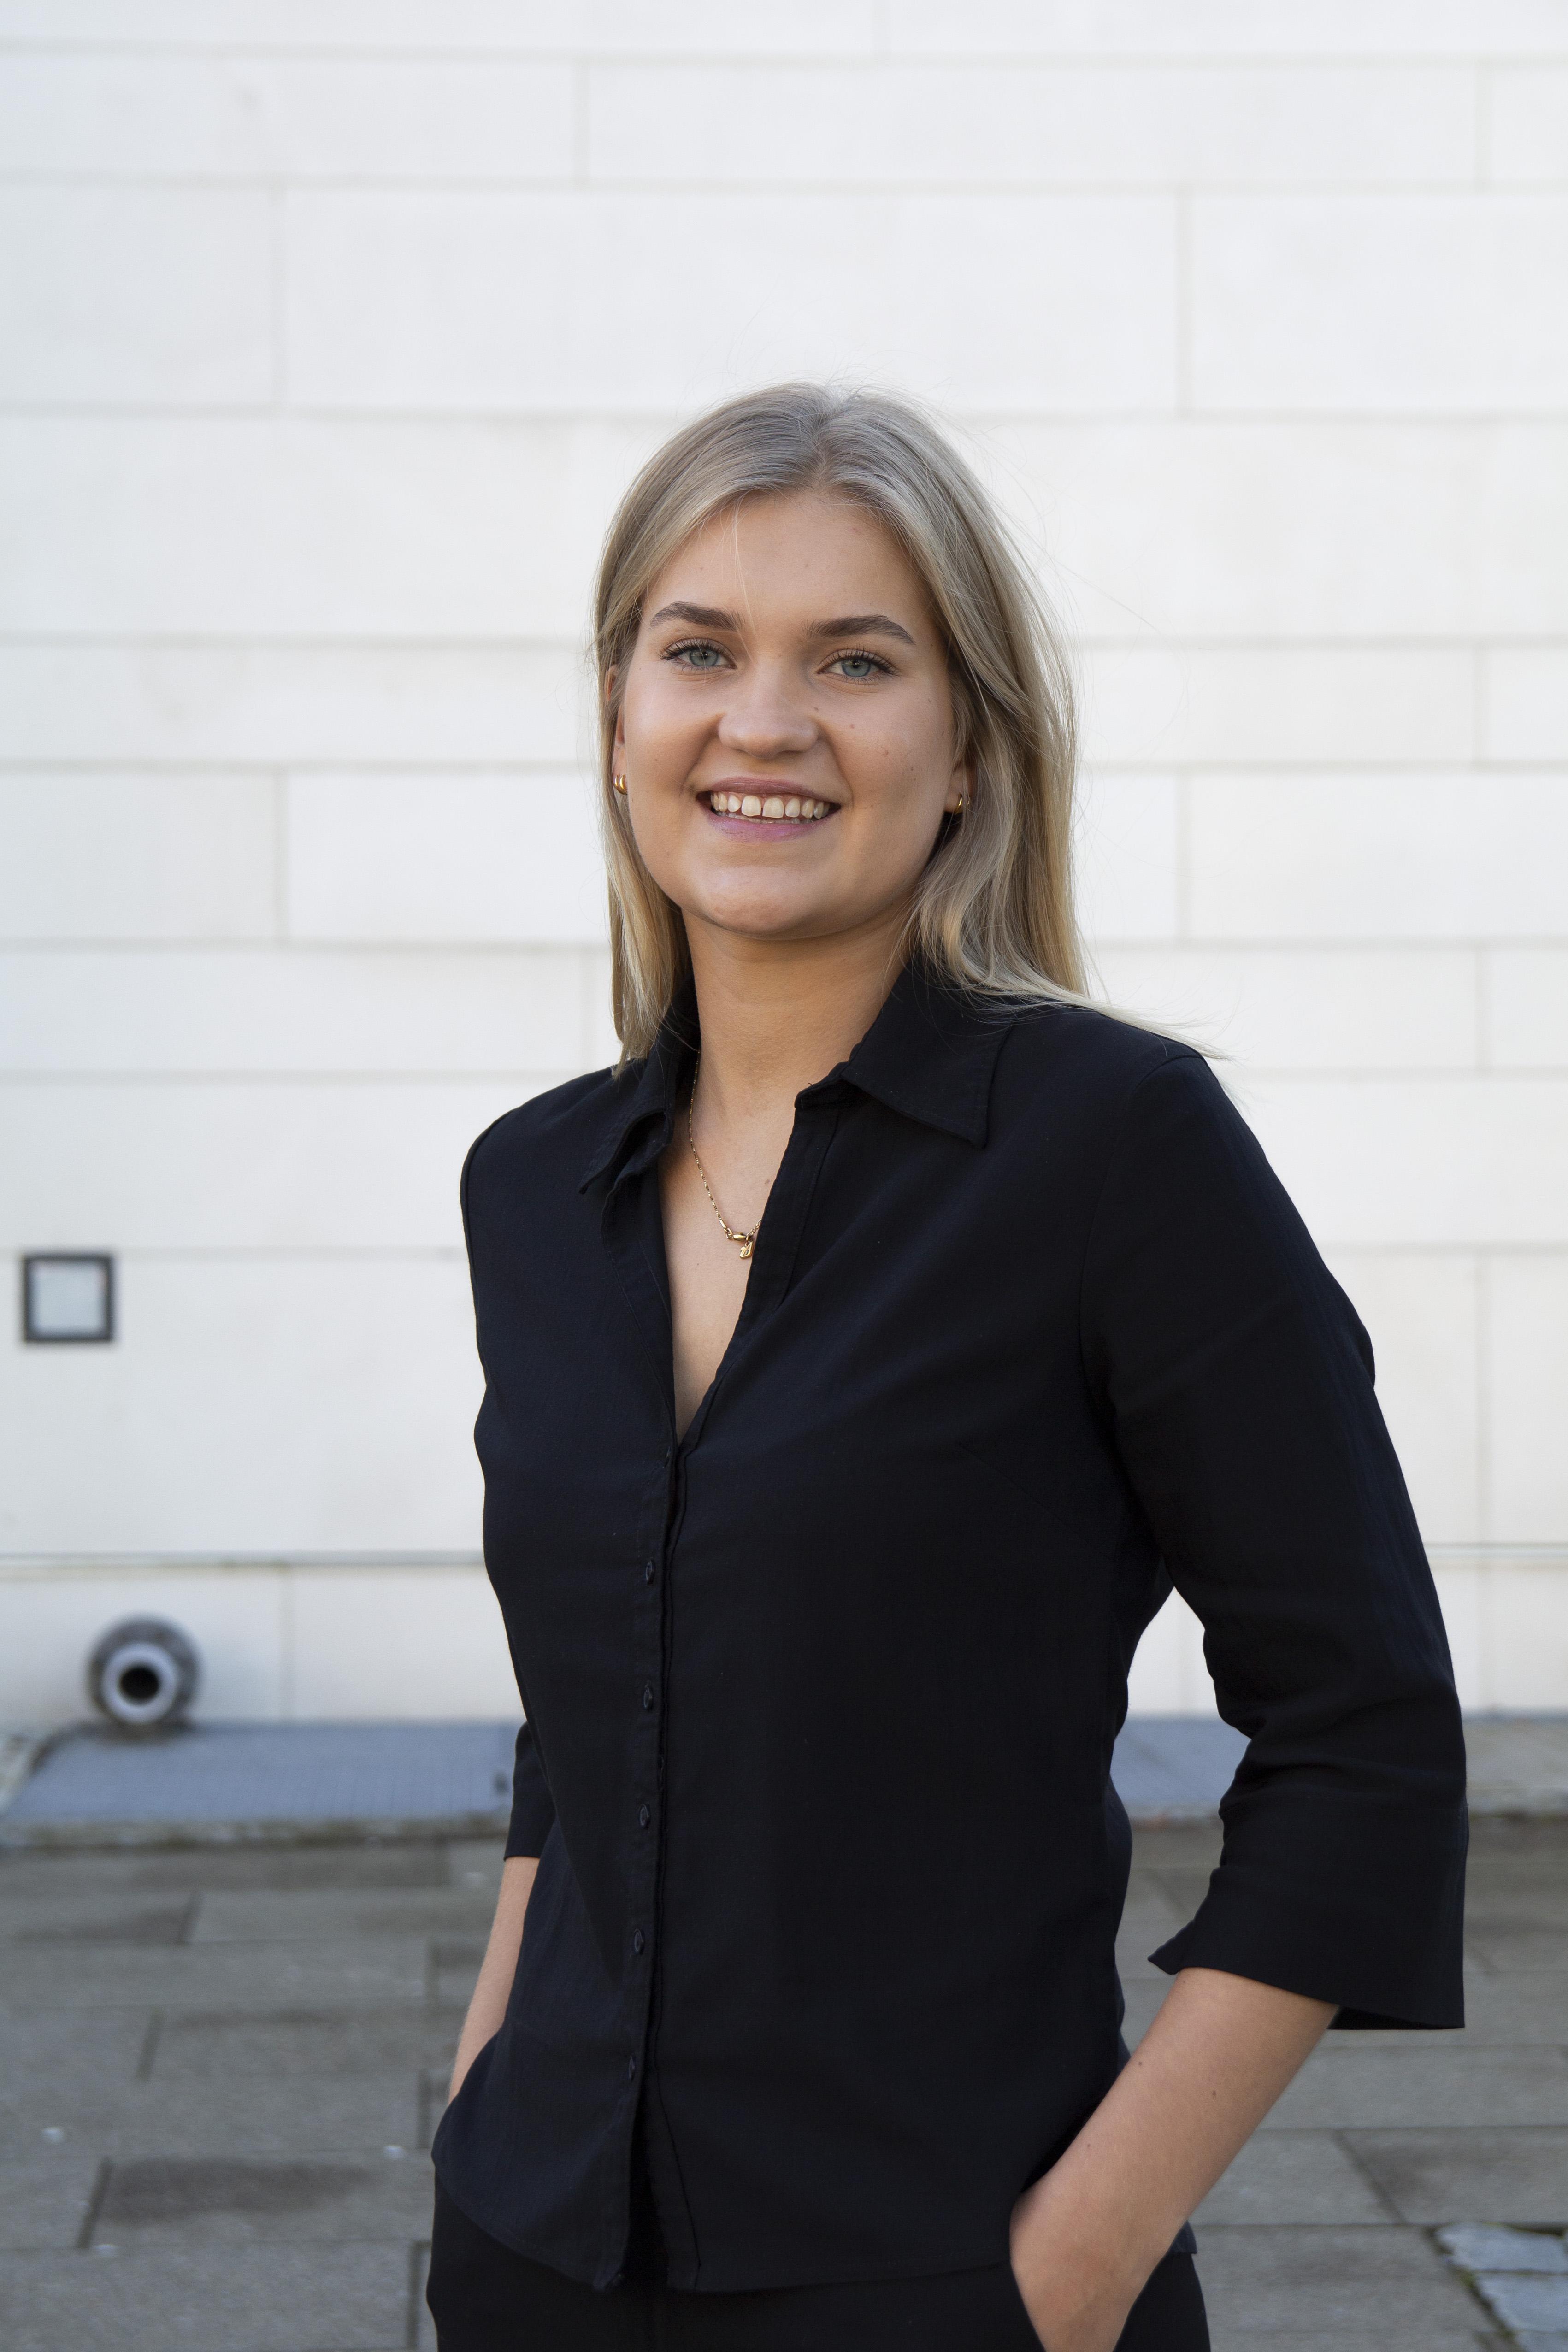 Selma Leuckfeld Pedersen